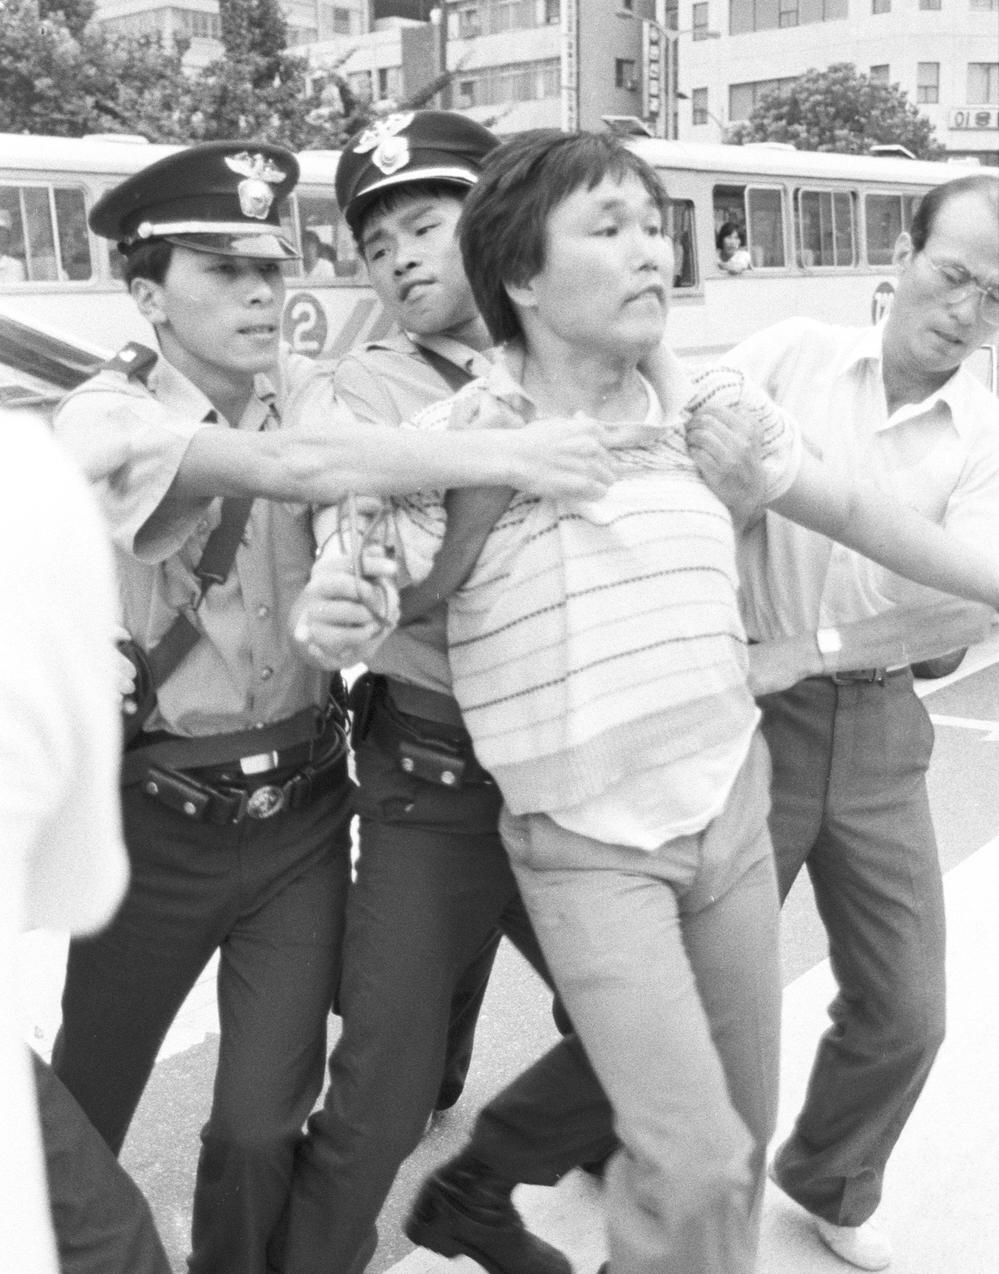 종로3가에서 연행당하는 이명식 민청련 인권부 차장. 고려대 출신인 그는 이후 민청련과 민통련에서 간부로 활동했다.